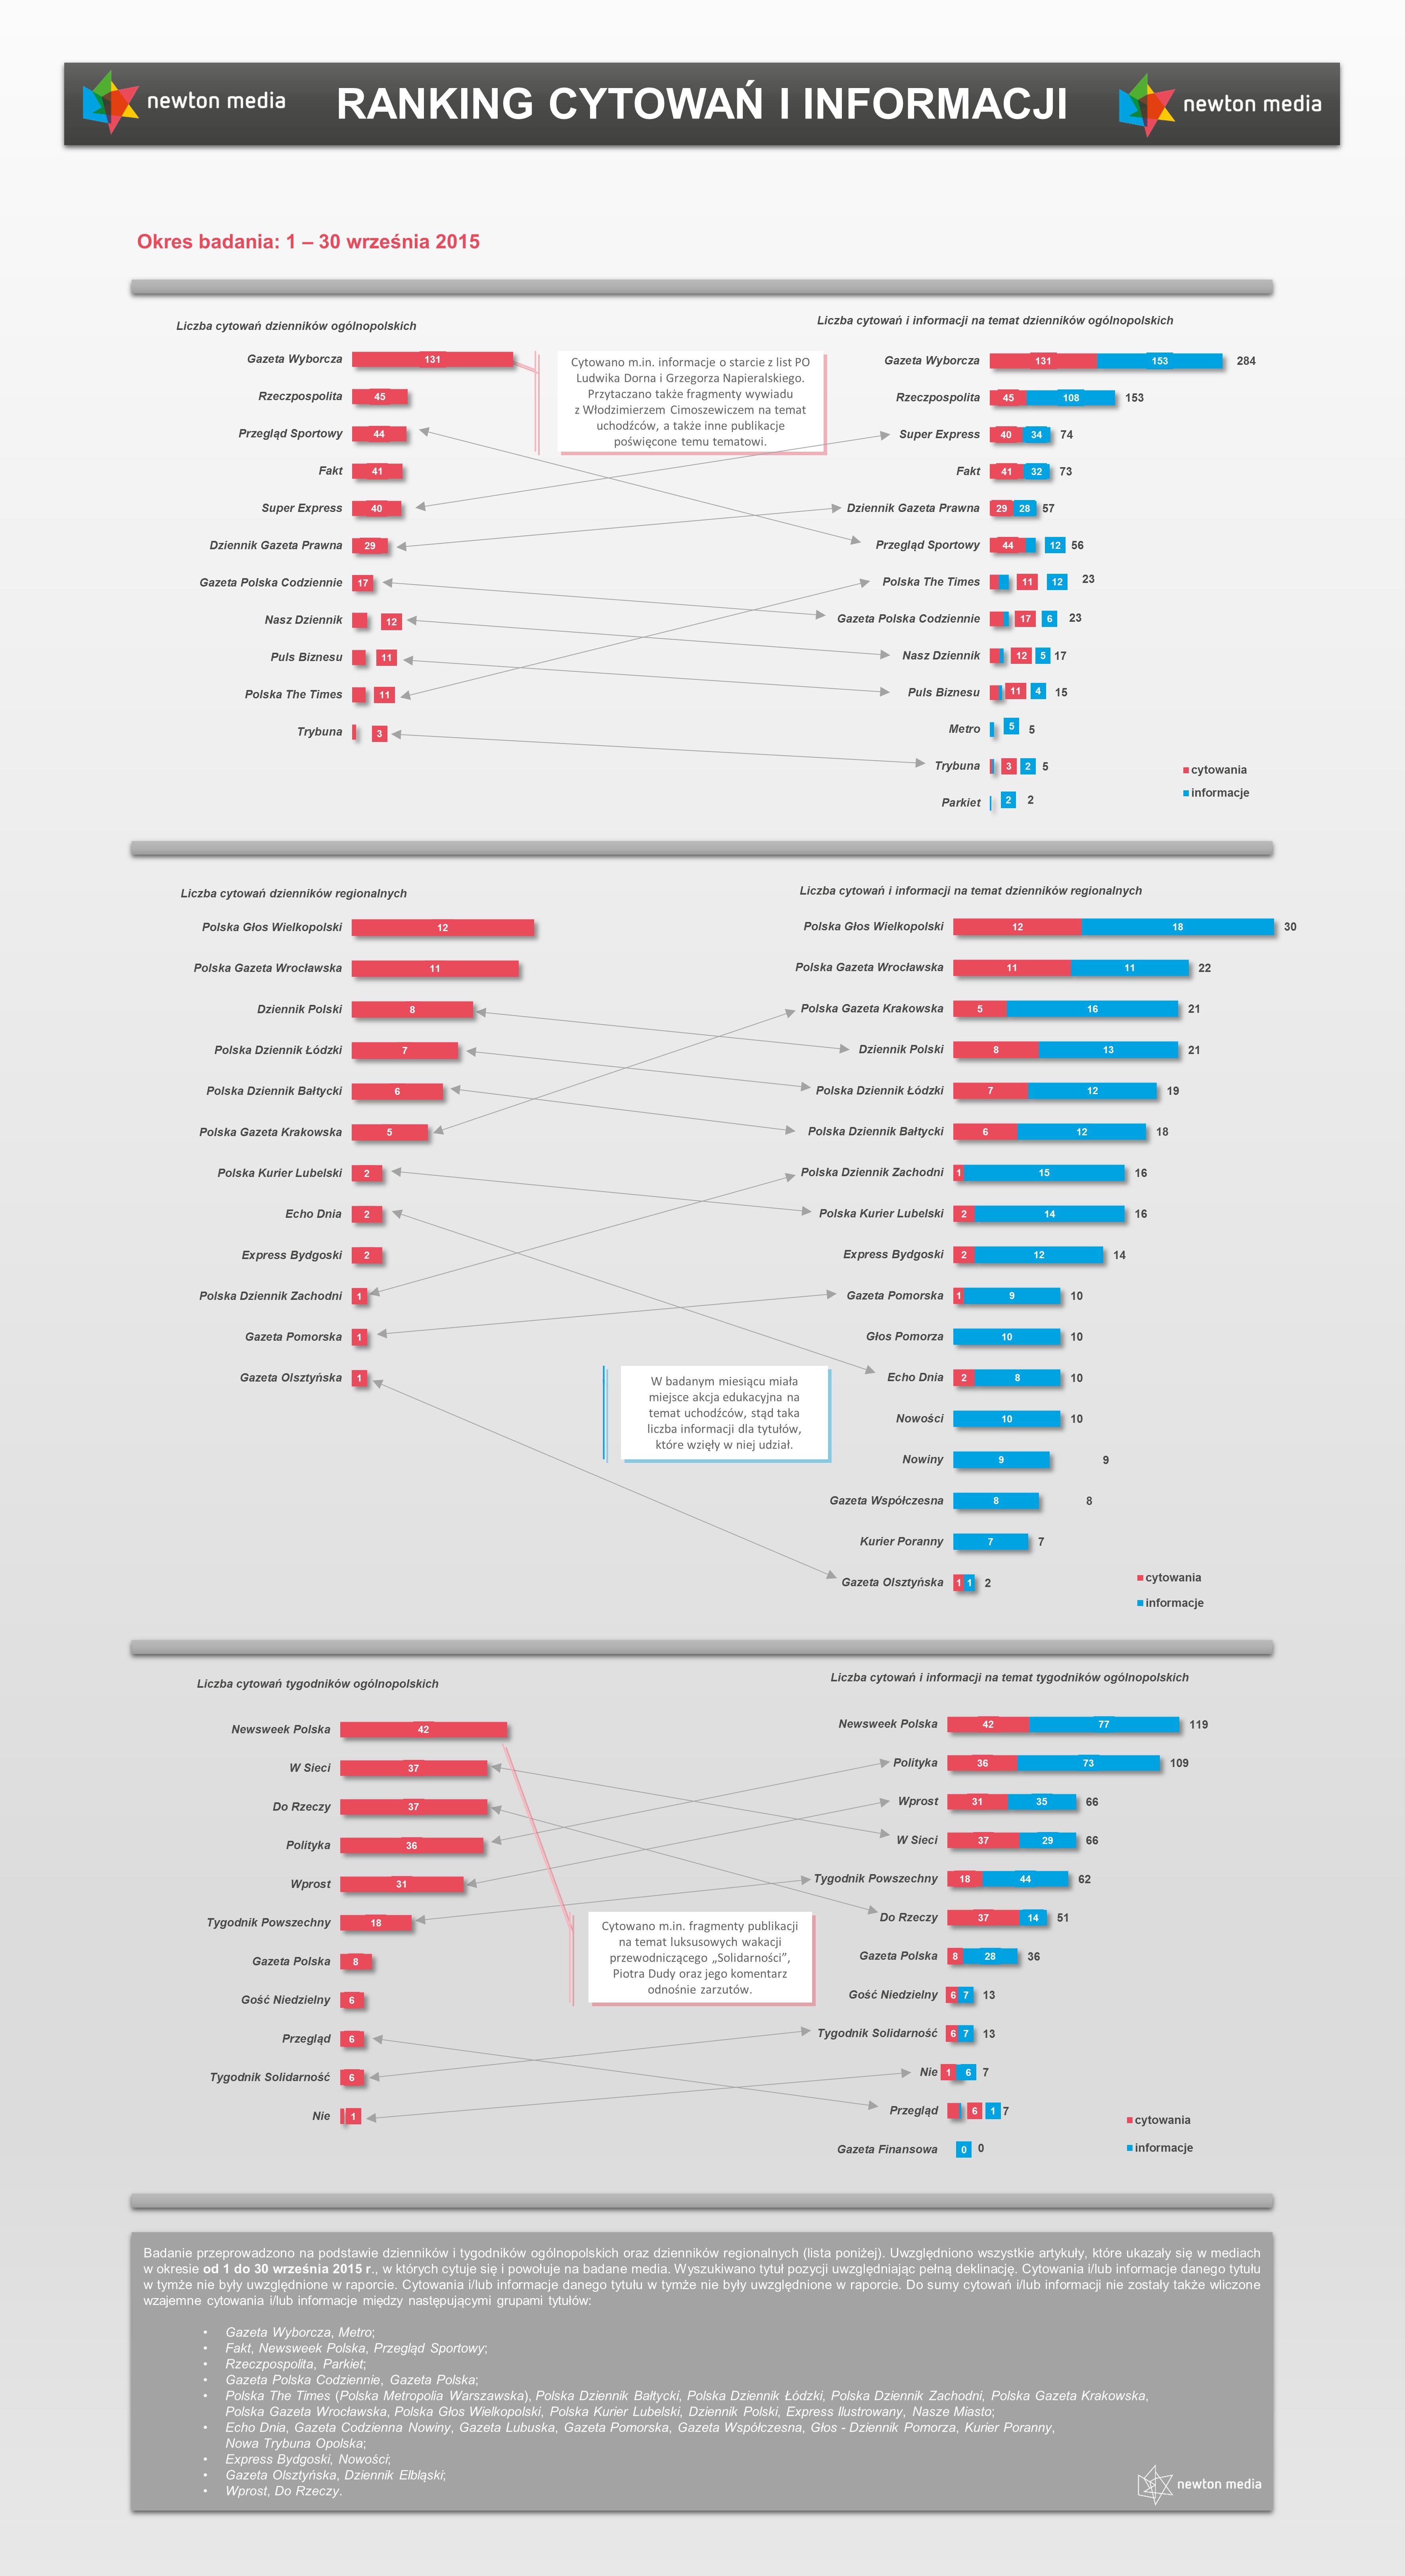 Ranking_092015_infogr